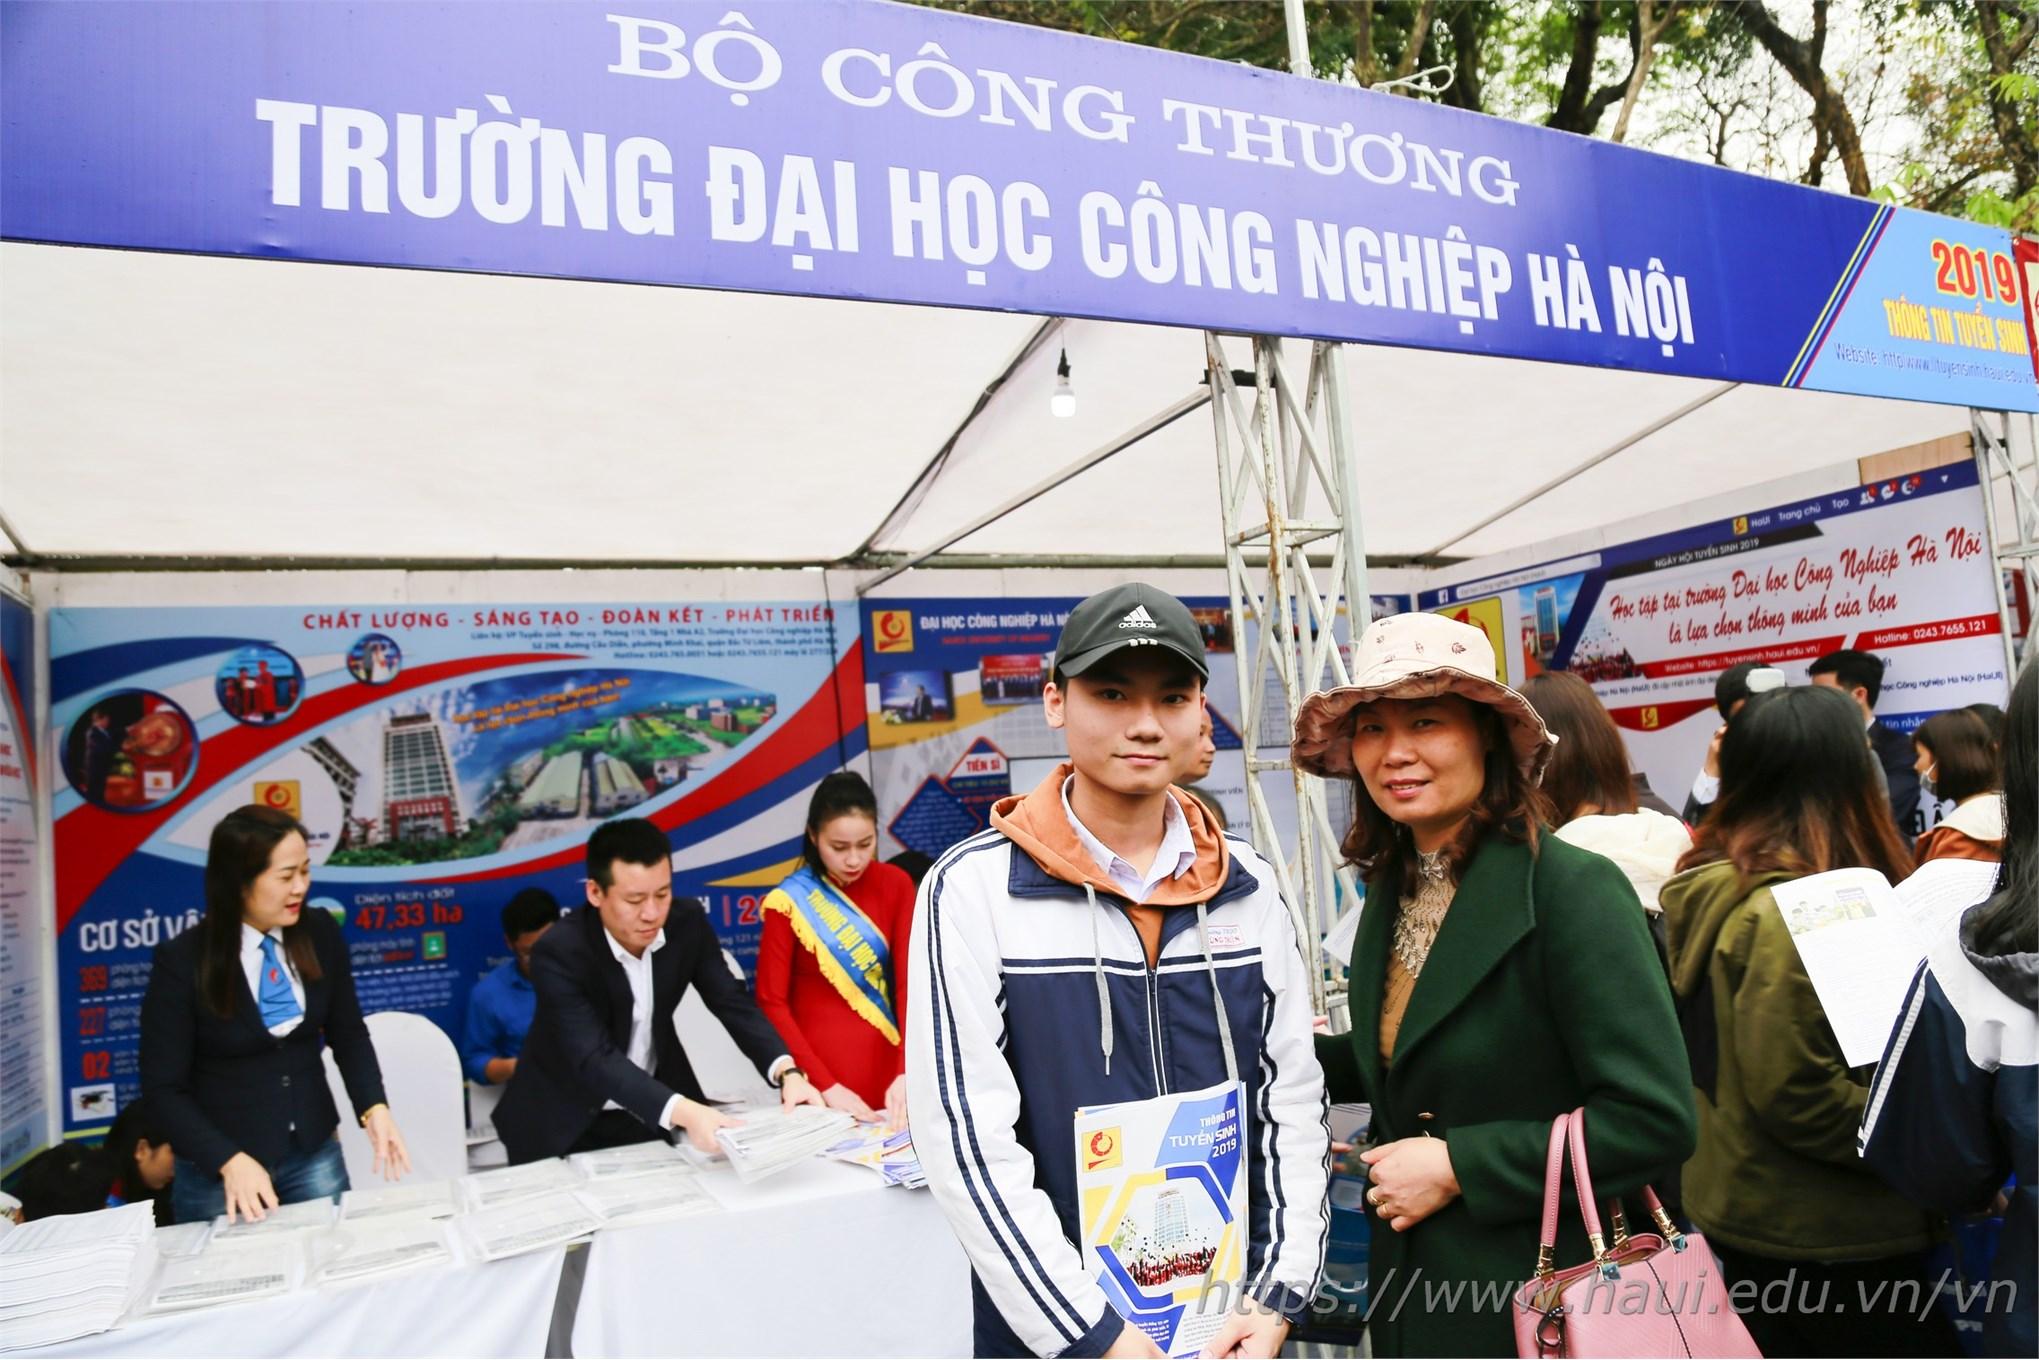 Sức hút của Đại học Công nghiệp Hà Nội tại Ngày hội tư vấn tuyển sinh - hướng nghiệp 2019